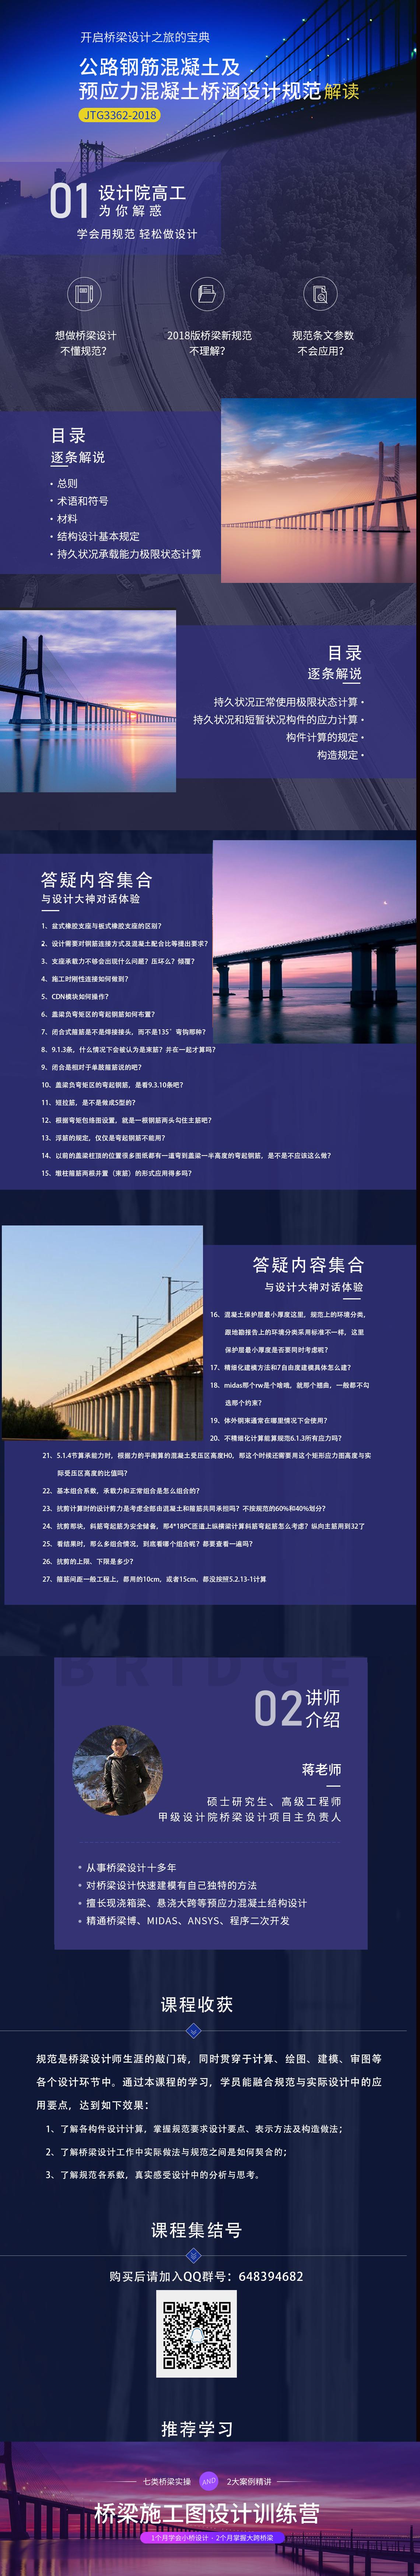 《JTG 3362-2018公路钢筋混凝土及预应力混凝土桥涵设计规范》于2018年11月实施。本规范是目前桥梁设计的重要依据,是桥梁设计师设计桥梁时的必备规范。《JTG 3362-2018公路钢筋混凝土及预应力混凝土桥涵设计规范》解读,对桥梁设计师非常有帮助